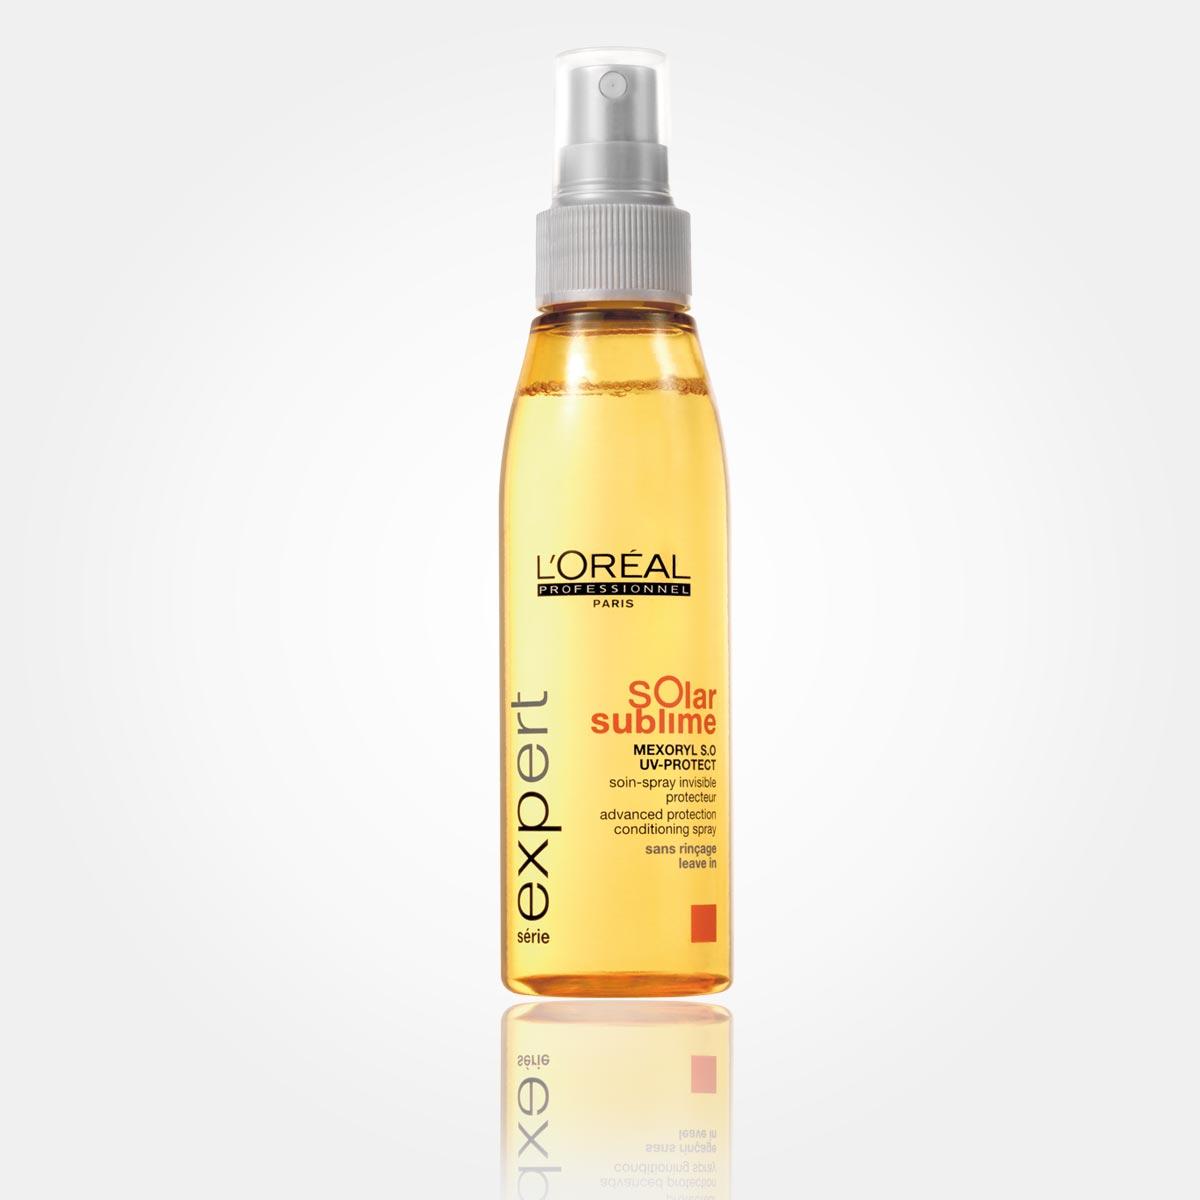 Šampón zo špeciálneho radu letnej vlasovej kozmetiky Solar Sublime od L'Oréal Professionnel